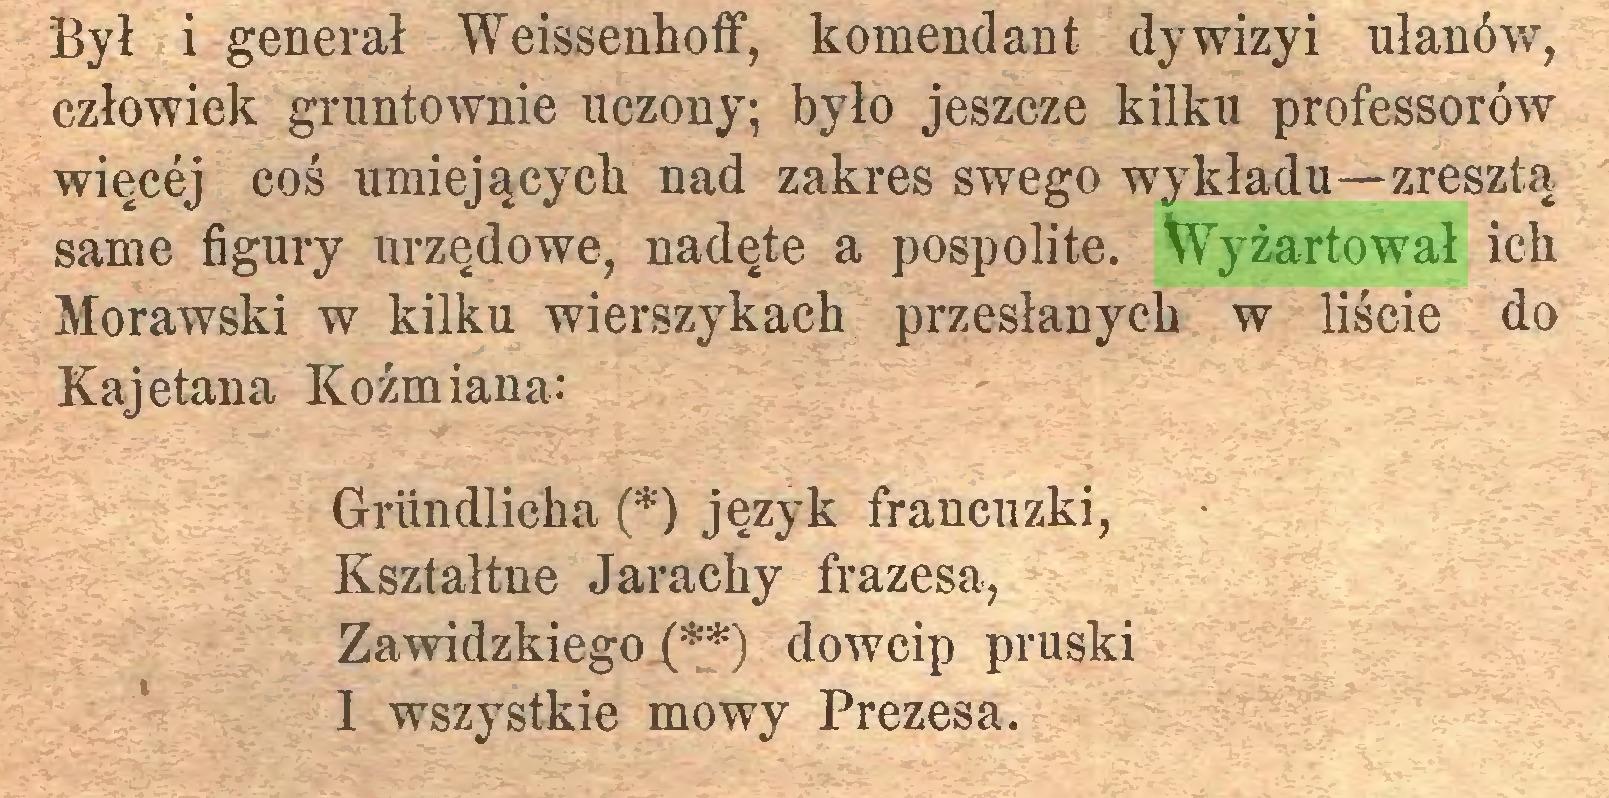 (...) Był i generał Weissenhoff, komendant dywizyi ułanów, człowiek gruntownie uczony; było jeszcze kilku professorów więcej coś umiejących nad zakres swego wykładu—zresztą same figury urzędowe, nadęte a pospolite. Wyżartował ich Morawski w kilku wierszykach przesłanych w liście do Kajetana Koźmiana: Grundlicha (*) język francuzki, Kształtne Jarachy frazesa, Zawidzkiego (**) dowcip pruski 1 wszystkie mowy Prezesa...